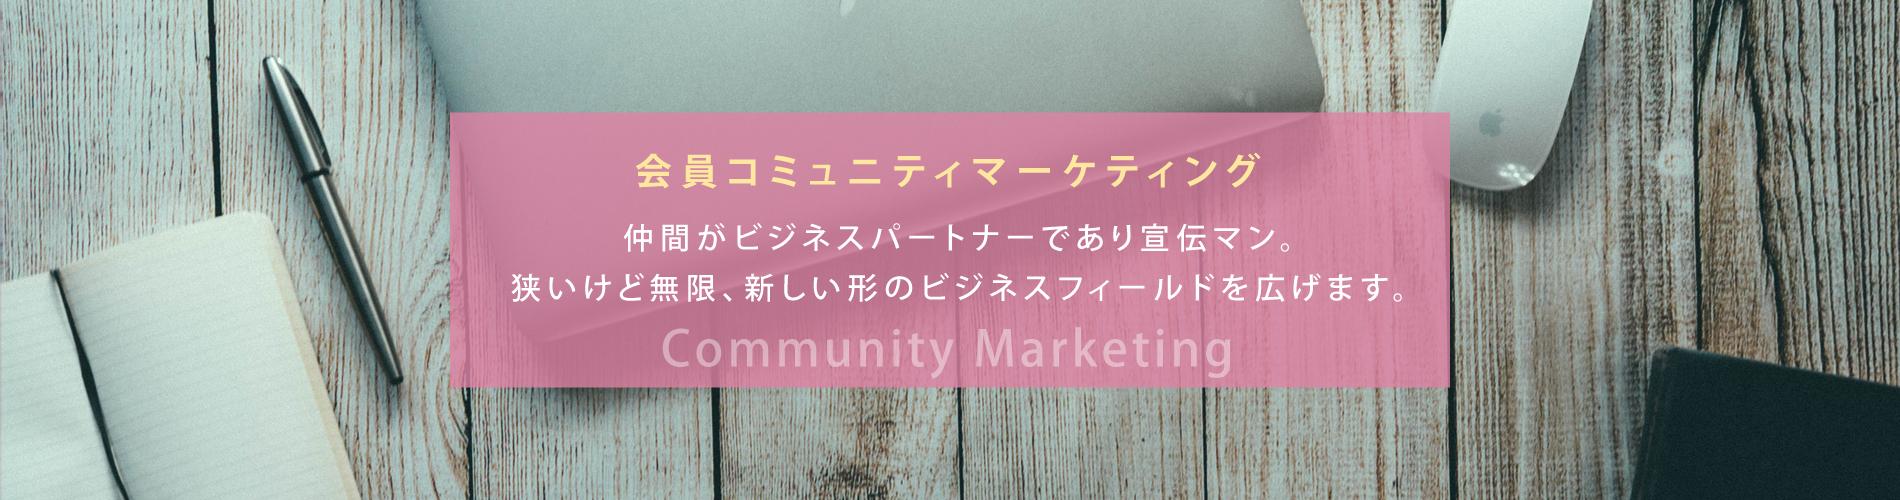 会員コミュニティマーケティング